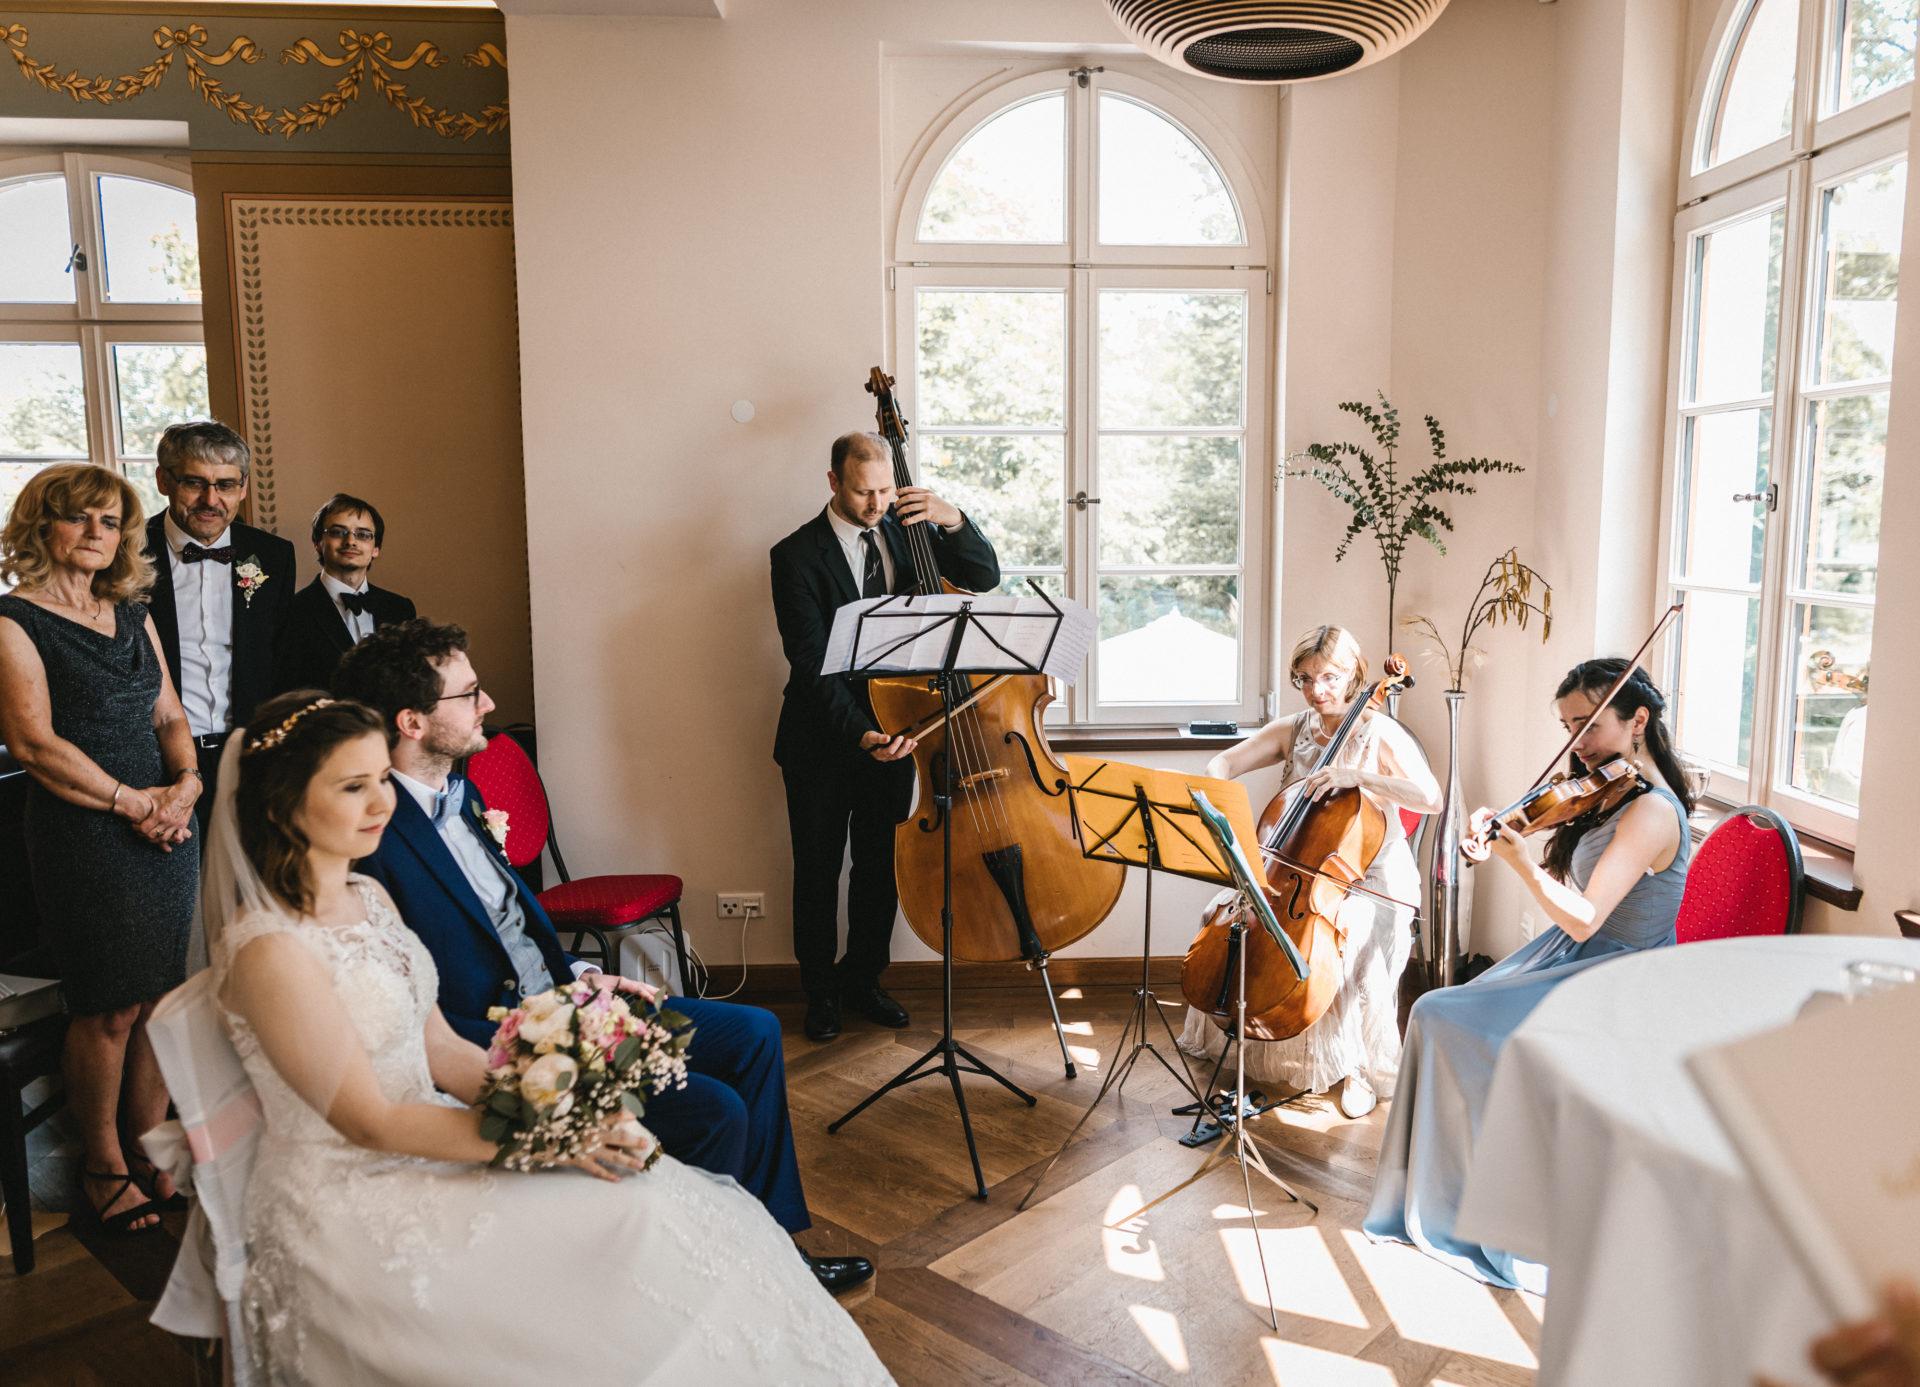 Hochzeitsreportage, Portfolio | Freie Trauung im Herrenhaus Möckern in Leipzig | 12